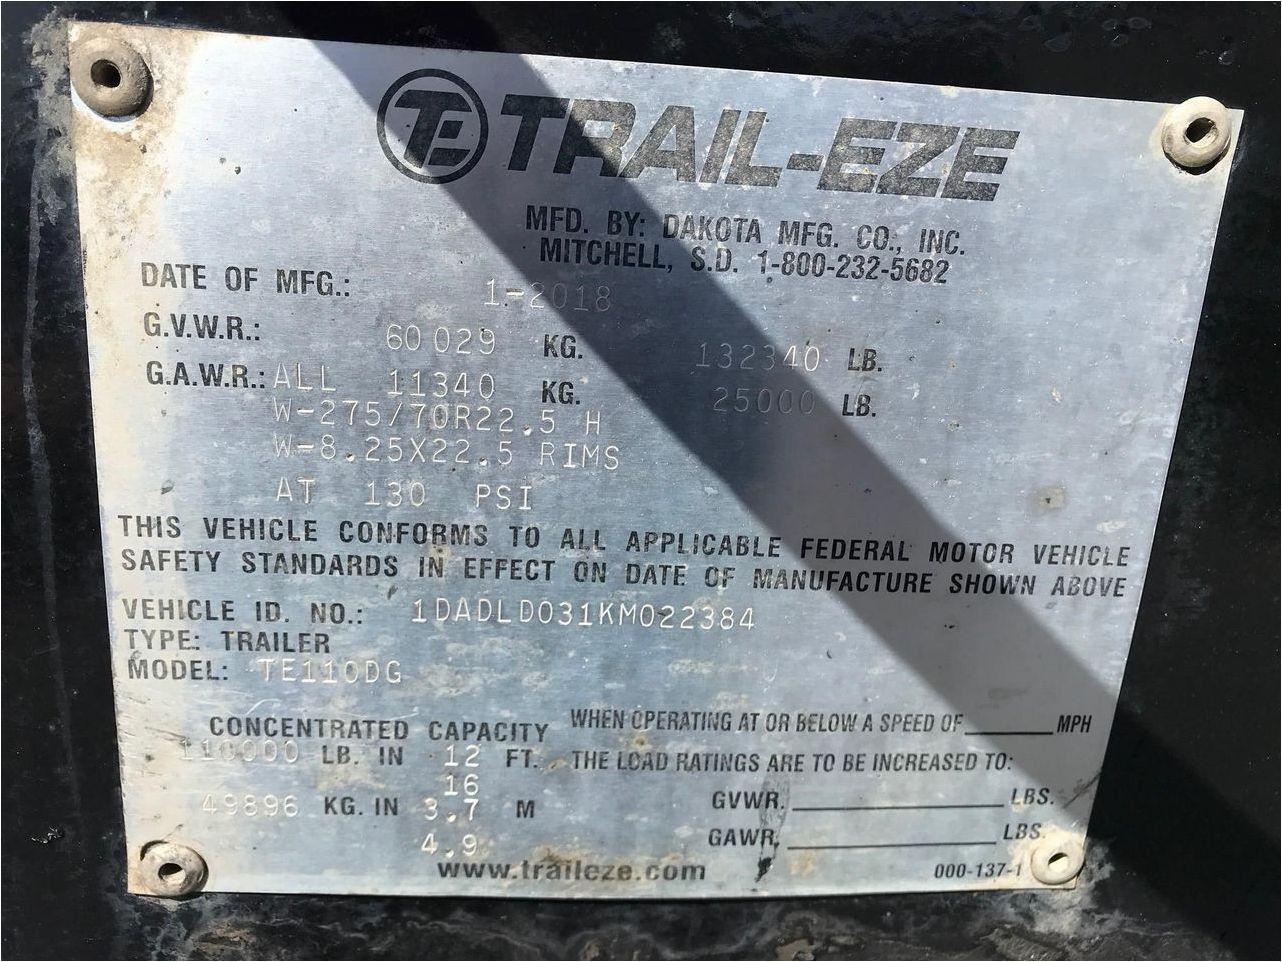 2019 TRAIL EZE TE110DG 55 TON LOWBOY, USE